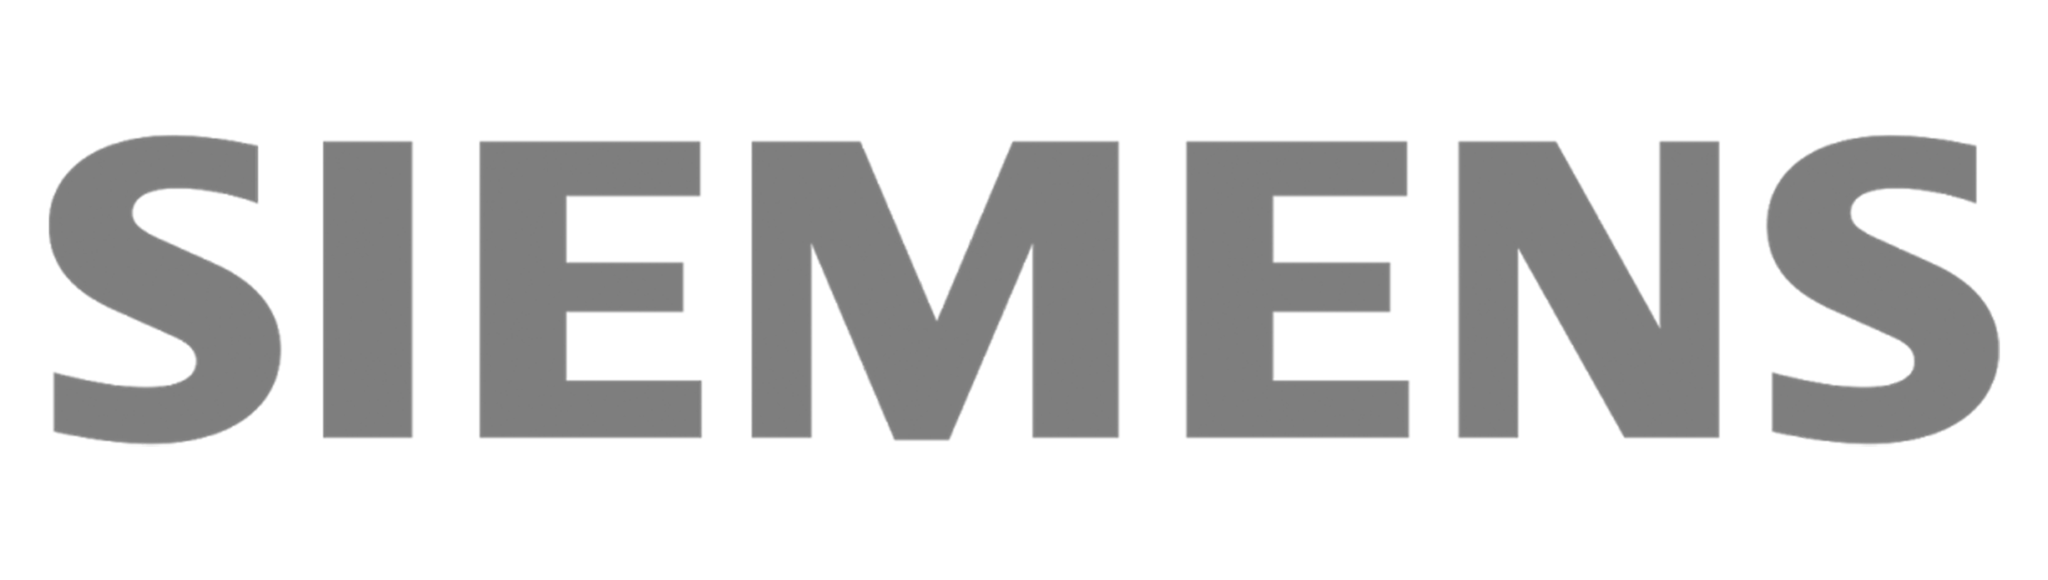 Company Logo Siemens Grayscale@2 X